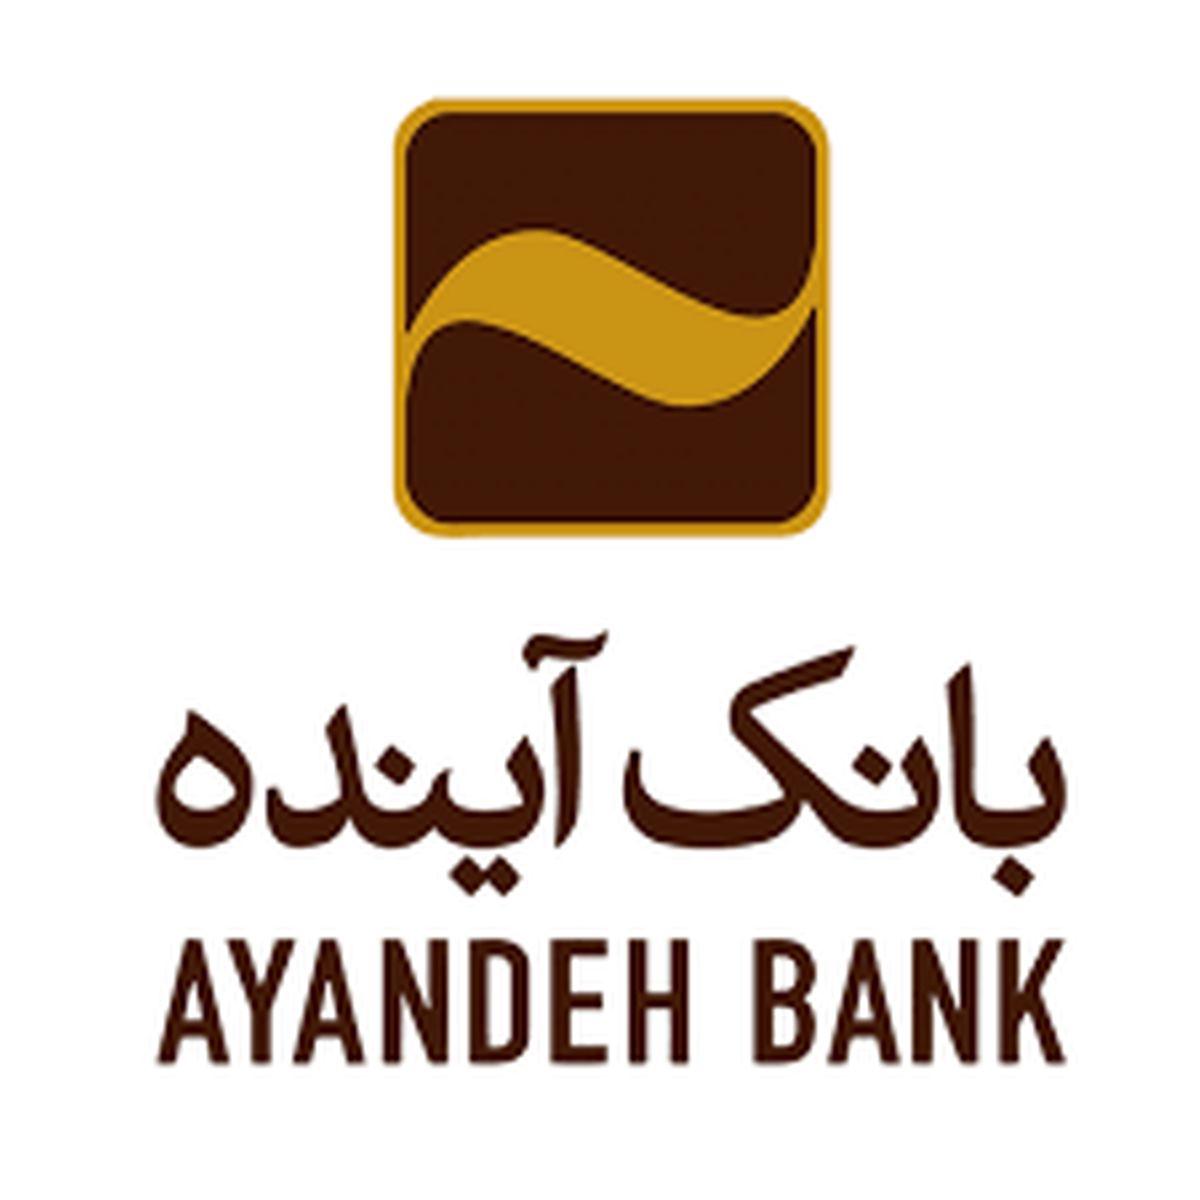 ایفای نقش بانک آینده برای مسئولیتاجتماعی در قبال اشتغالزایی